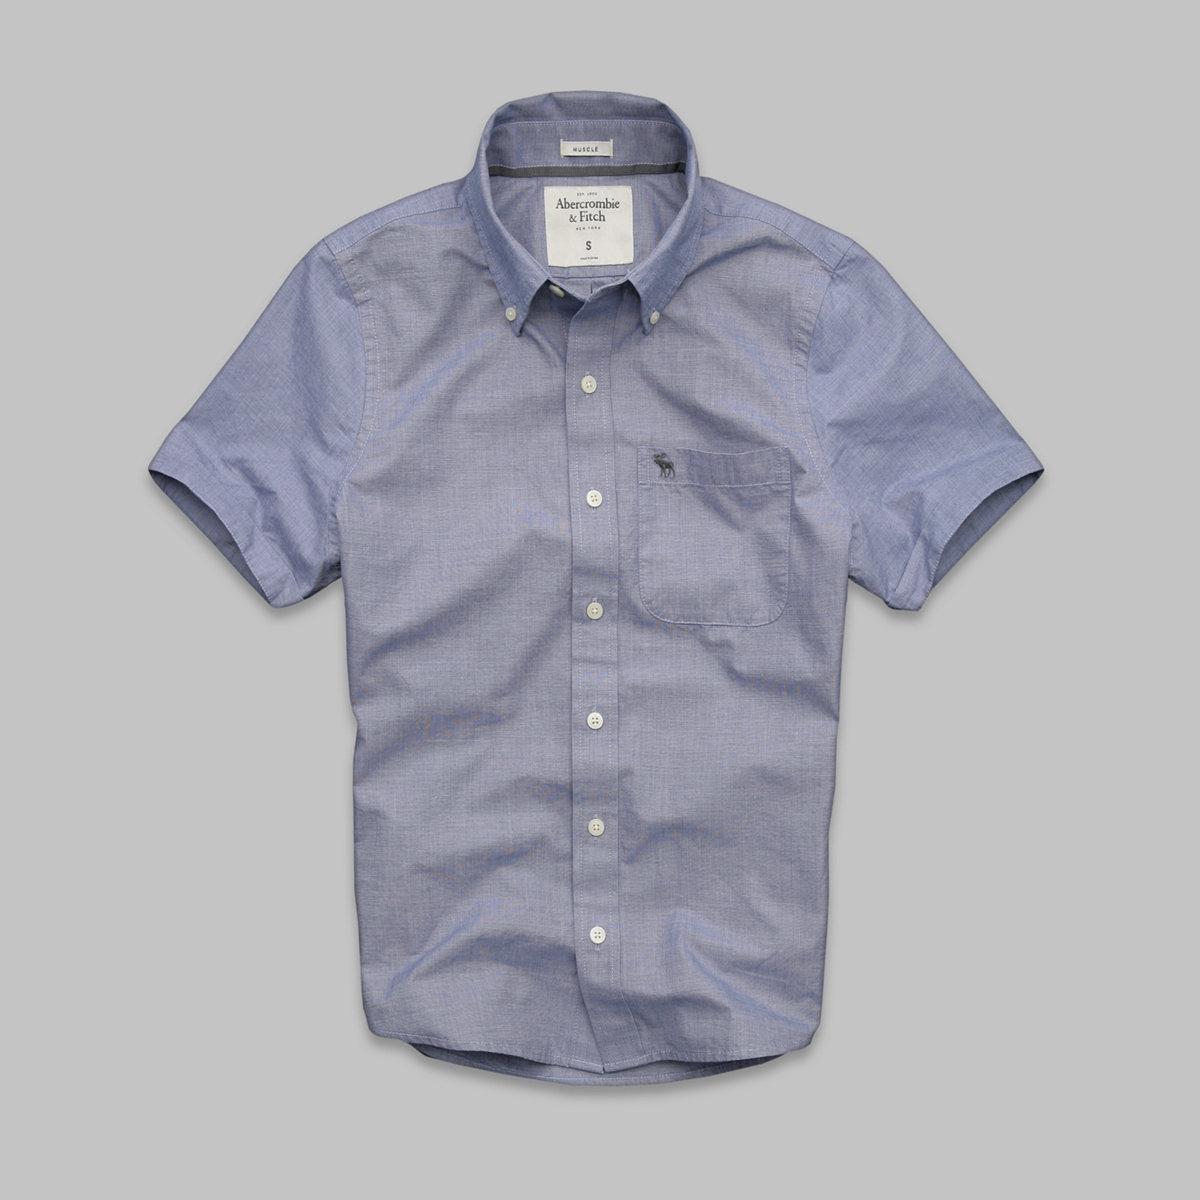 Latham Pond Shirt